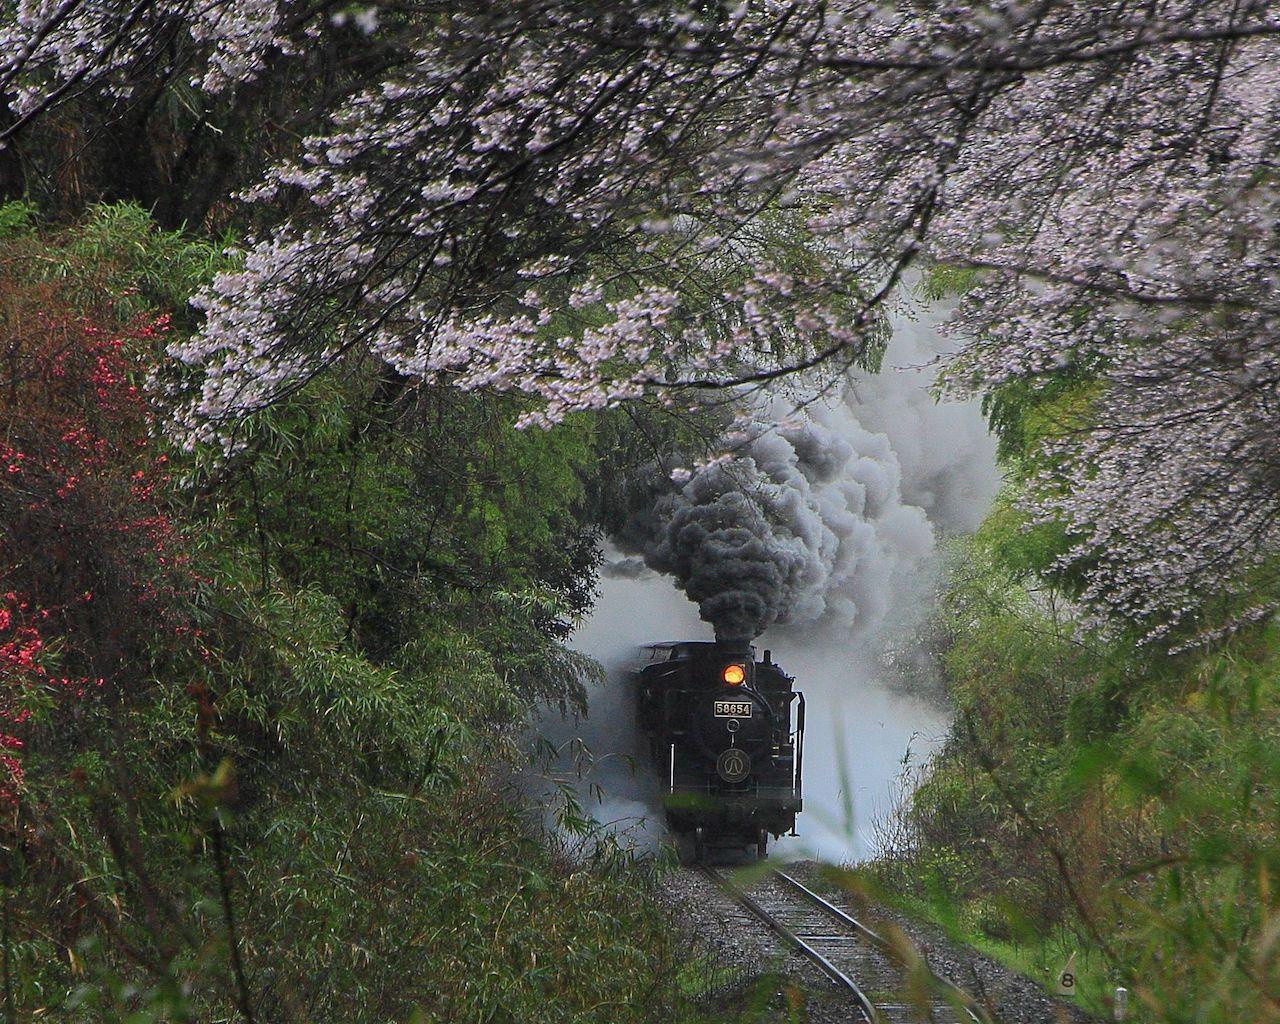 『鬼滅の刃』煉獄さんを思って巡りたい!「無限列車」のフォトスポット6選 画像1